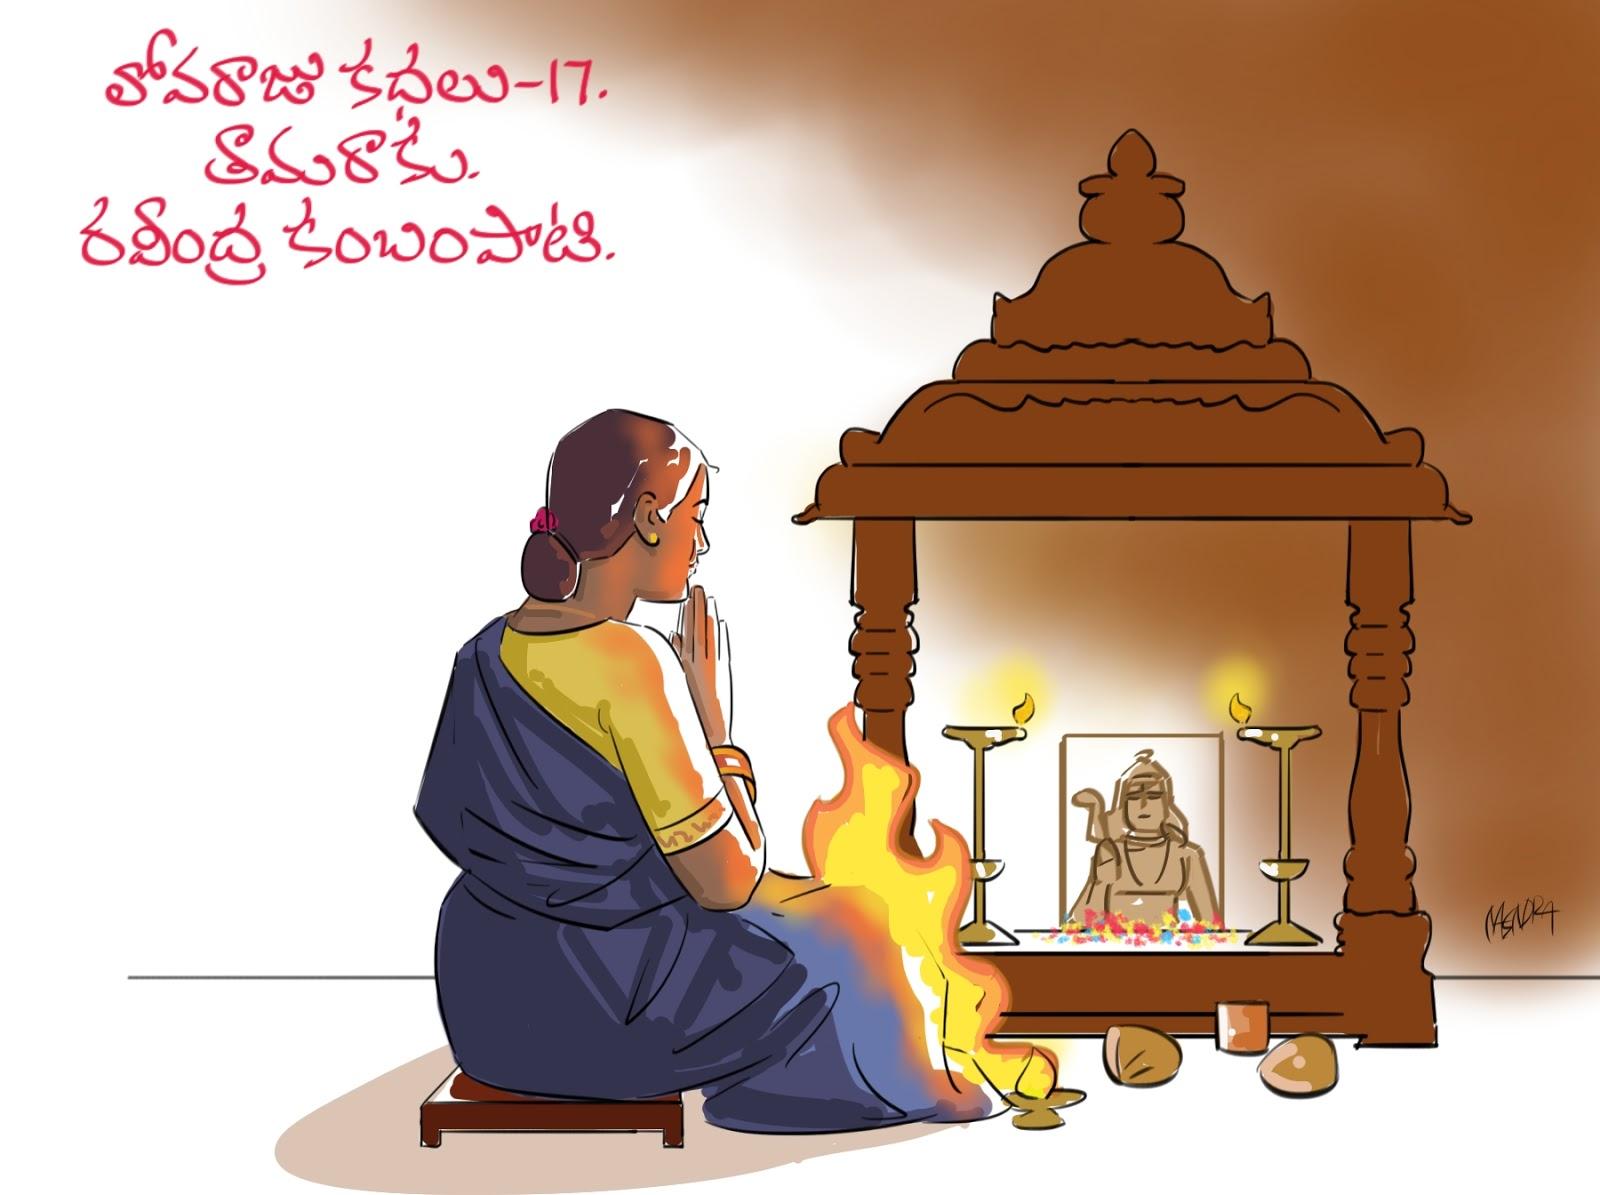 తామరాకు కథాకదంబం, కంభంపాటి రవీంద్ర